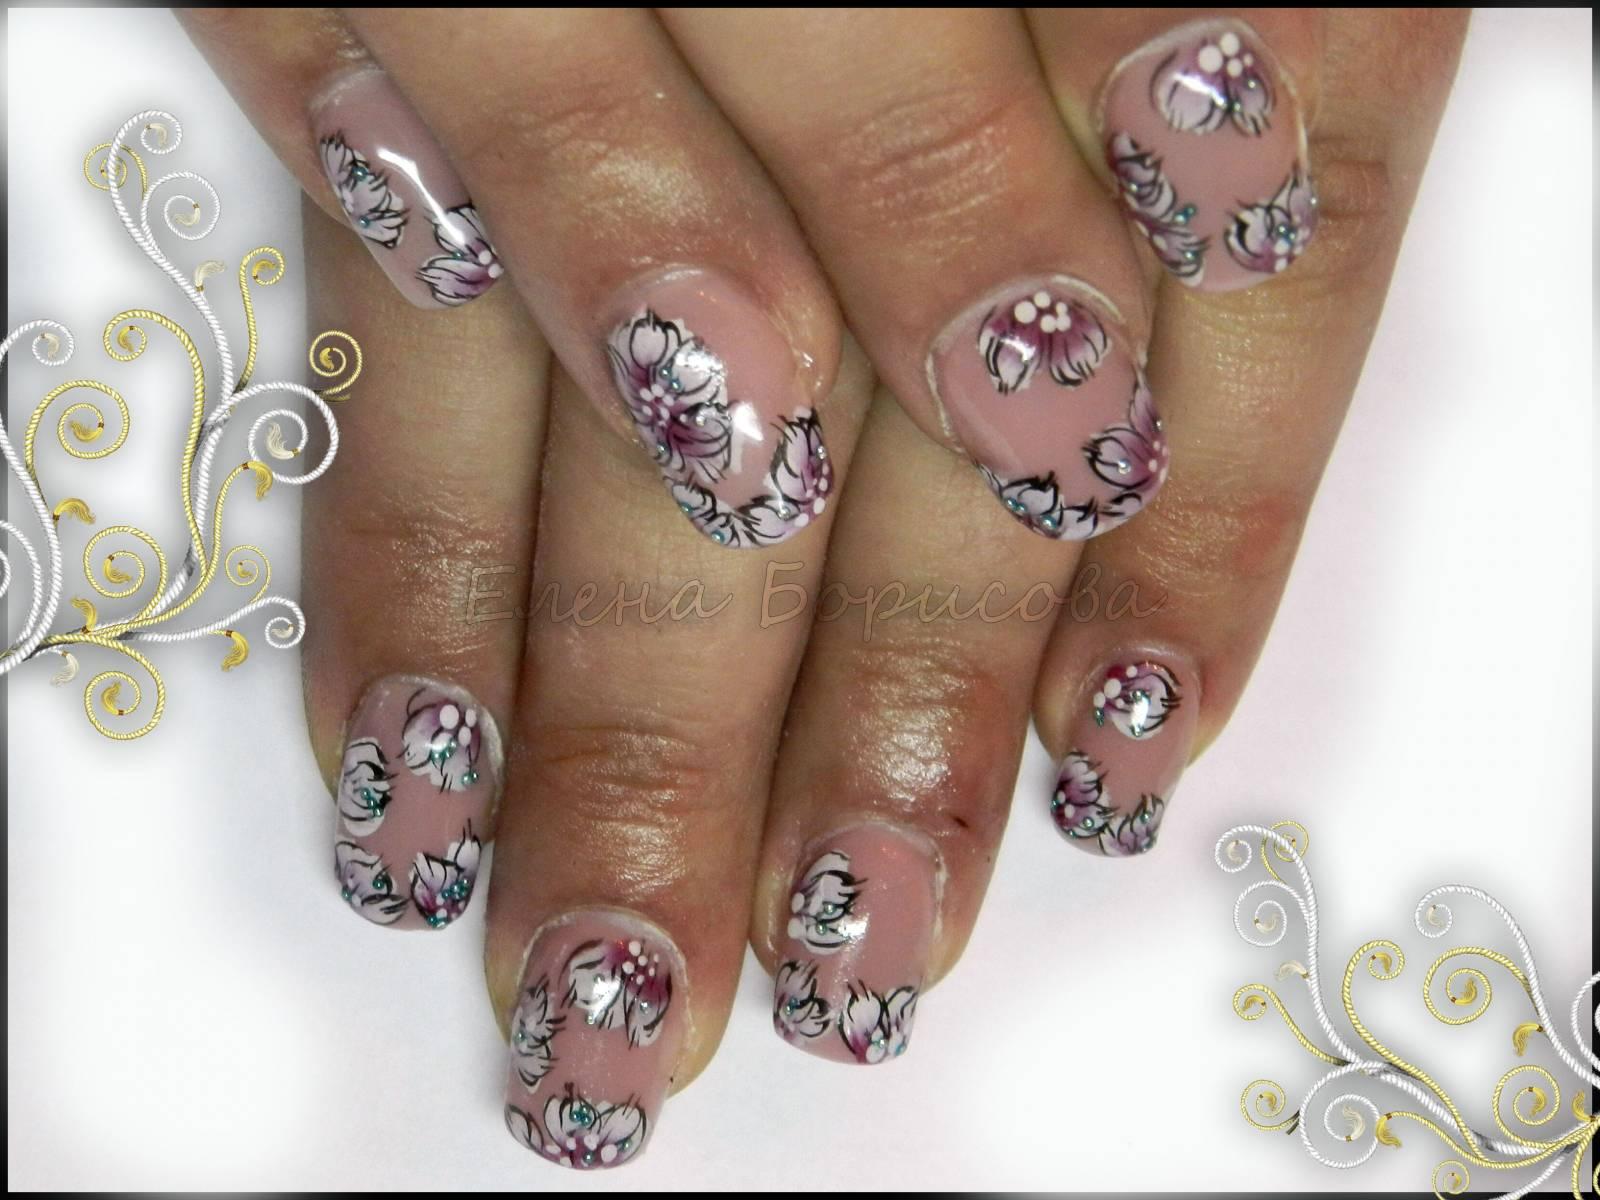 Новогодние дизайны ногтей от екатерины мирошниченко